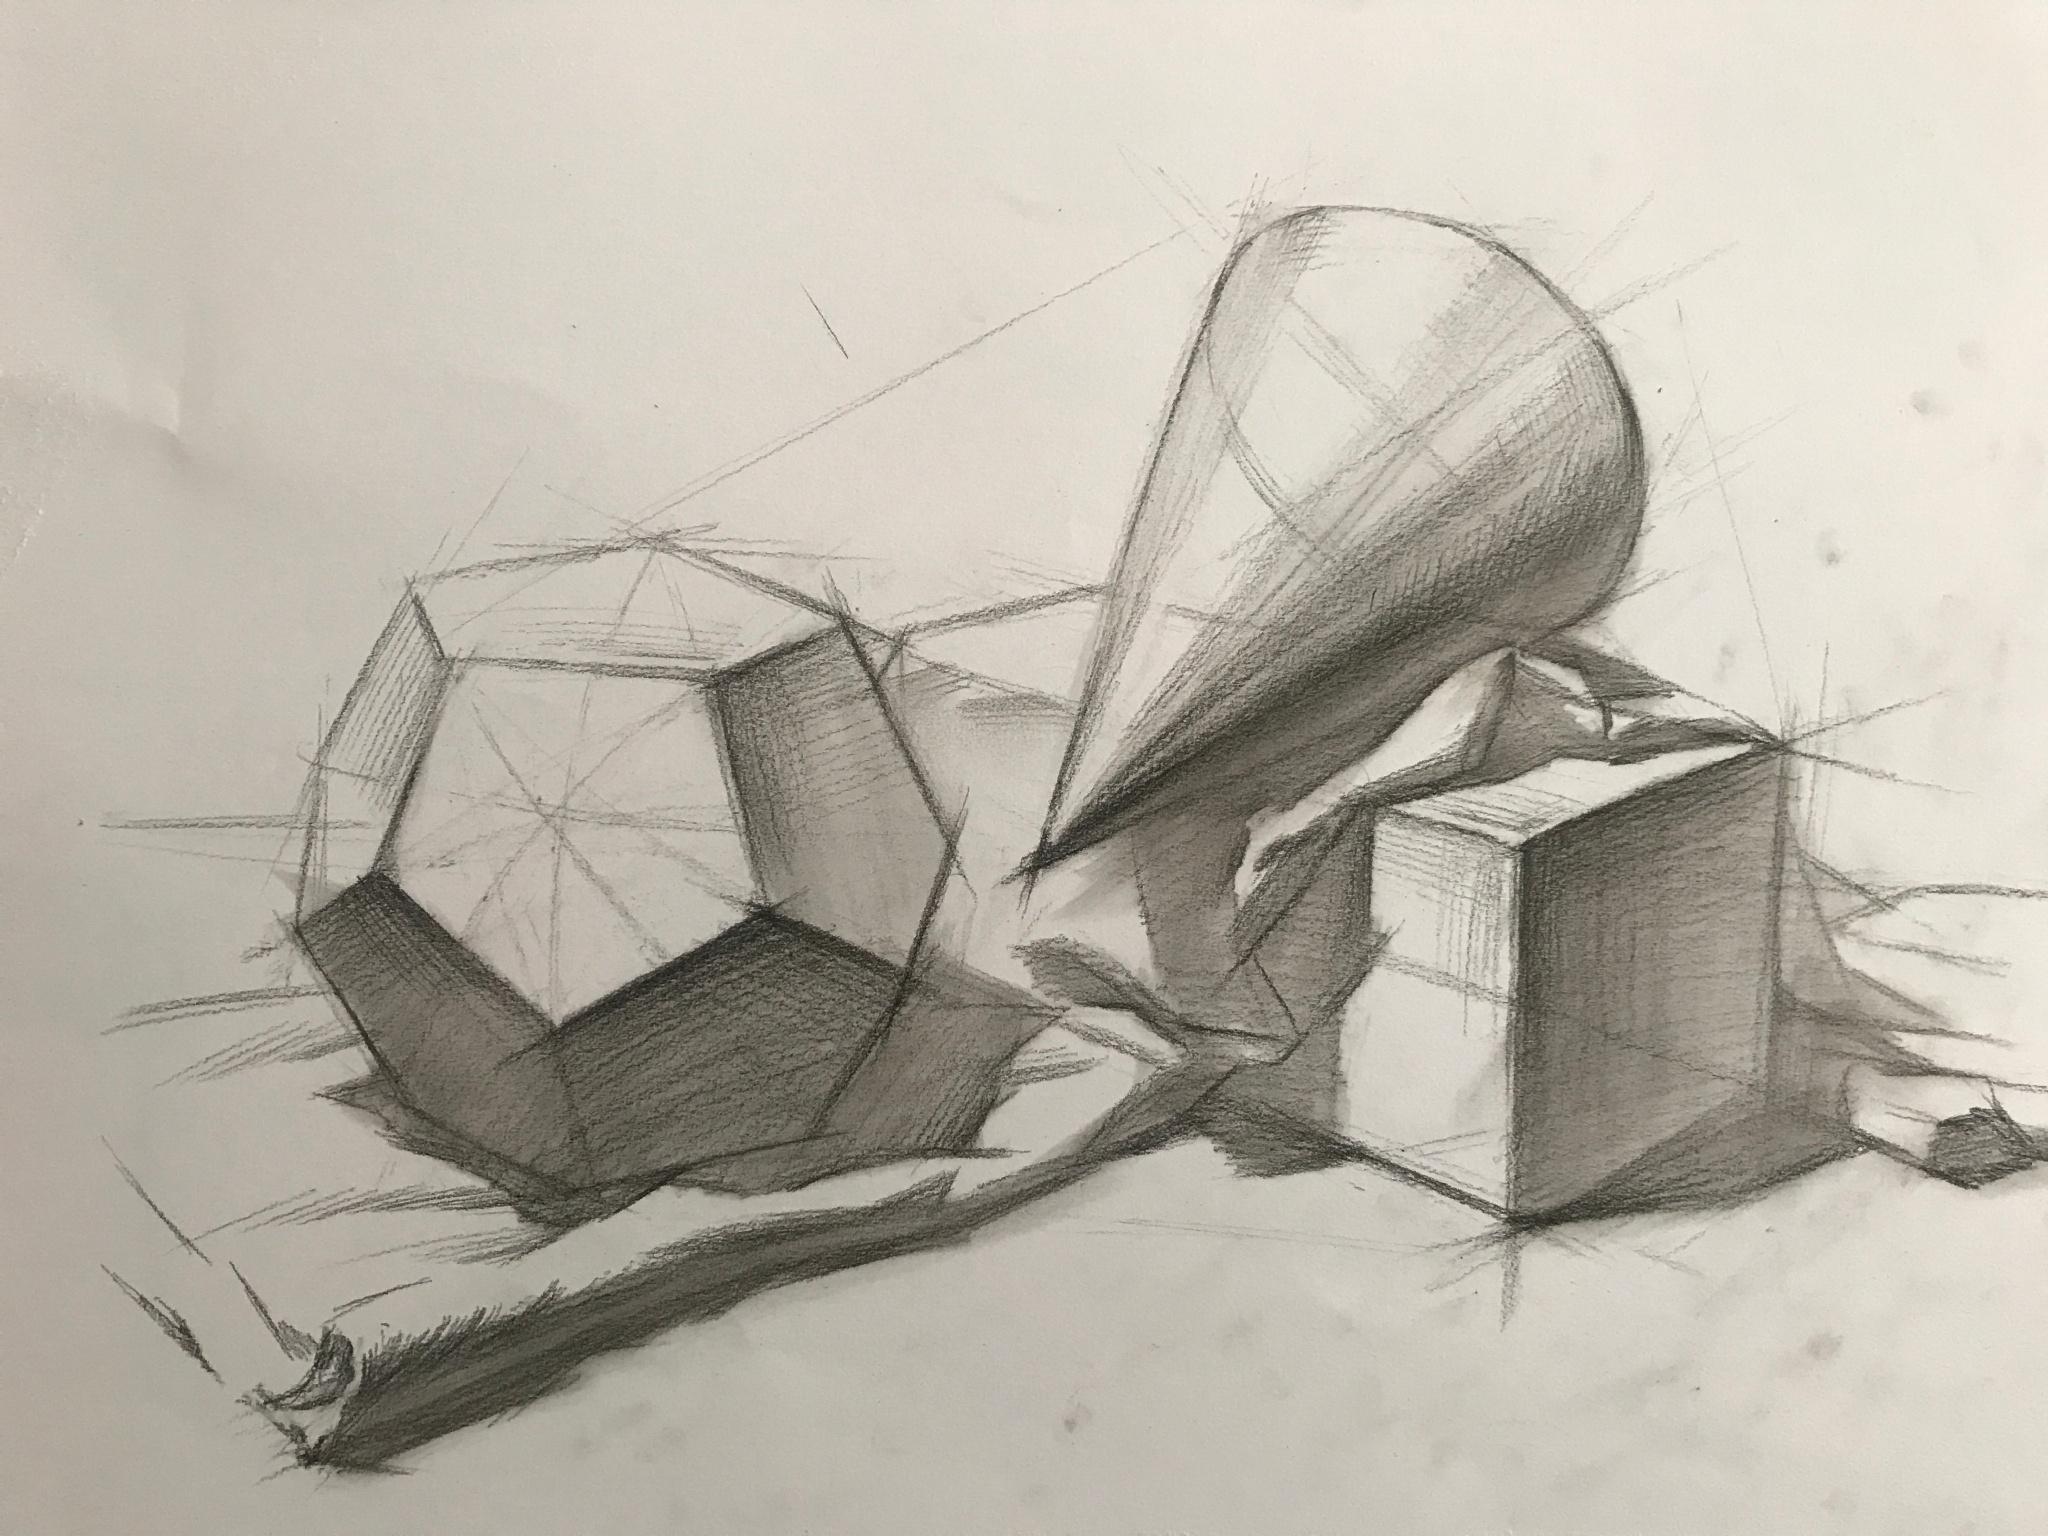 结构素描画法|物体|衬布|交界线_新浪网